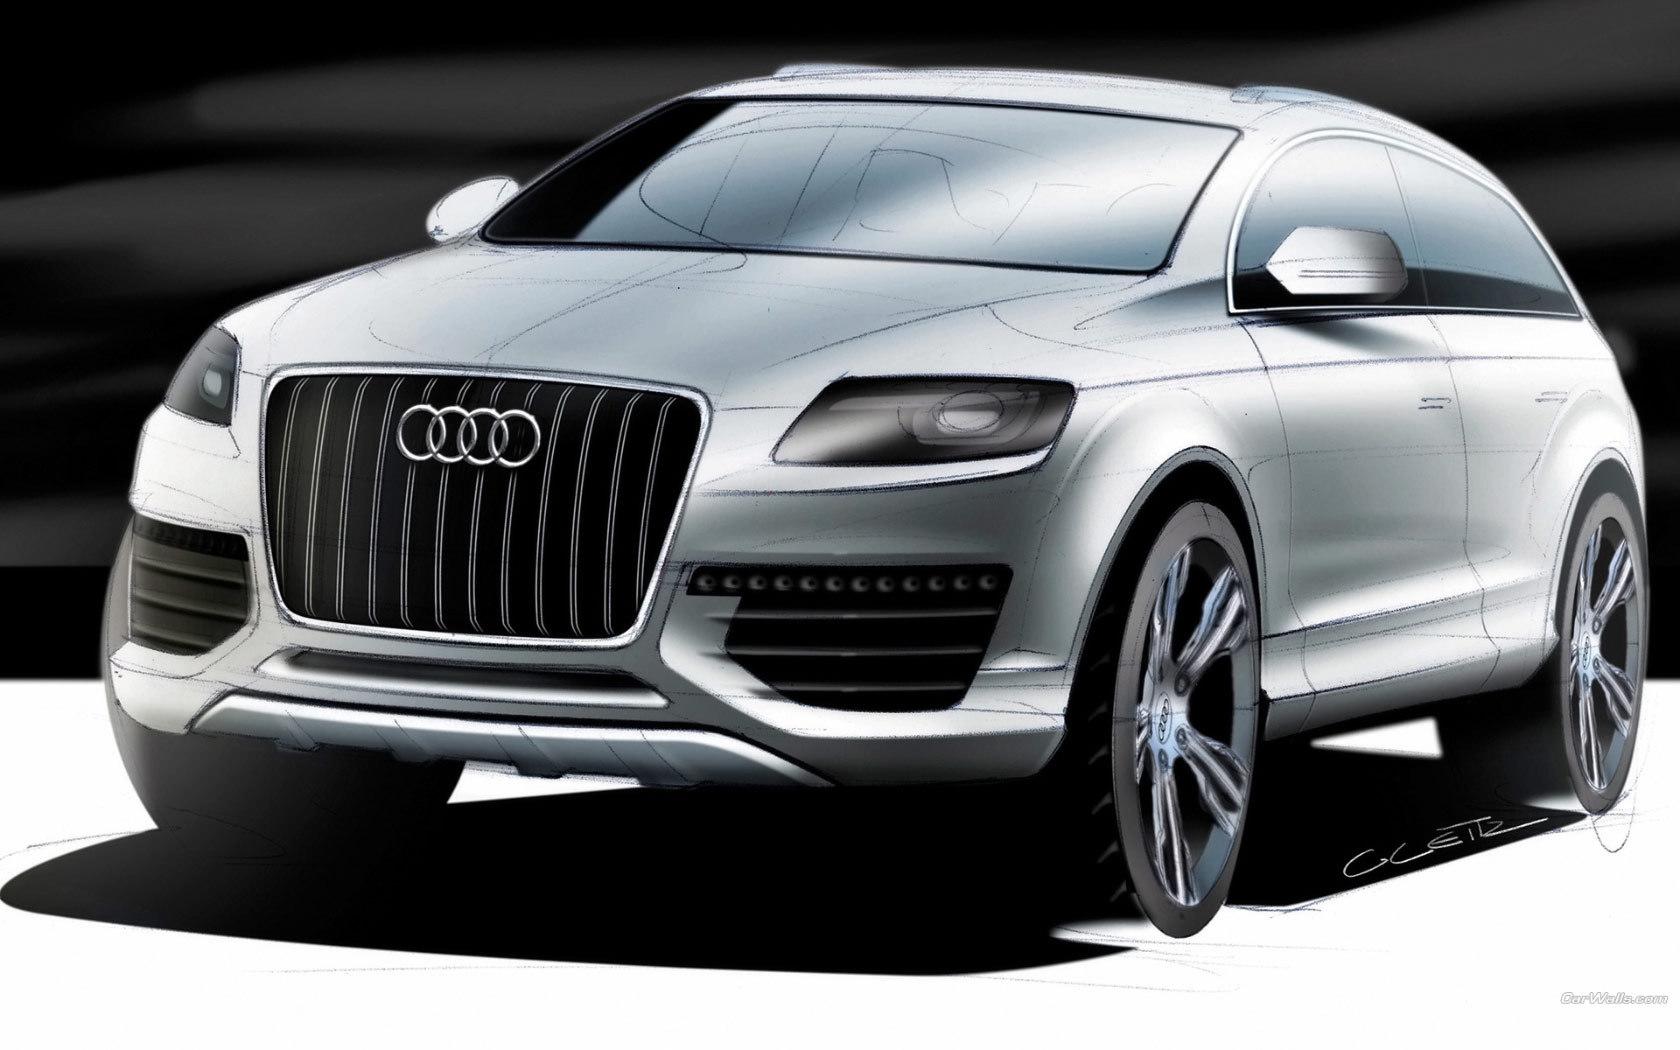 11034 скачать обои Транспорт, Машины, Ауди (Audi) - заставки и картинки бесплатно